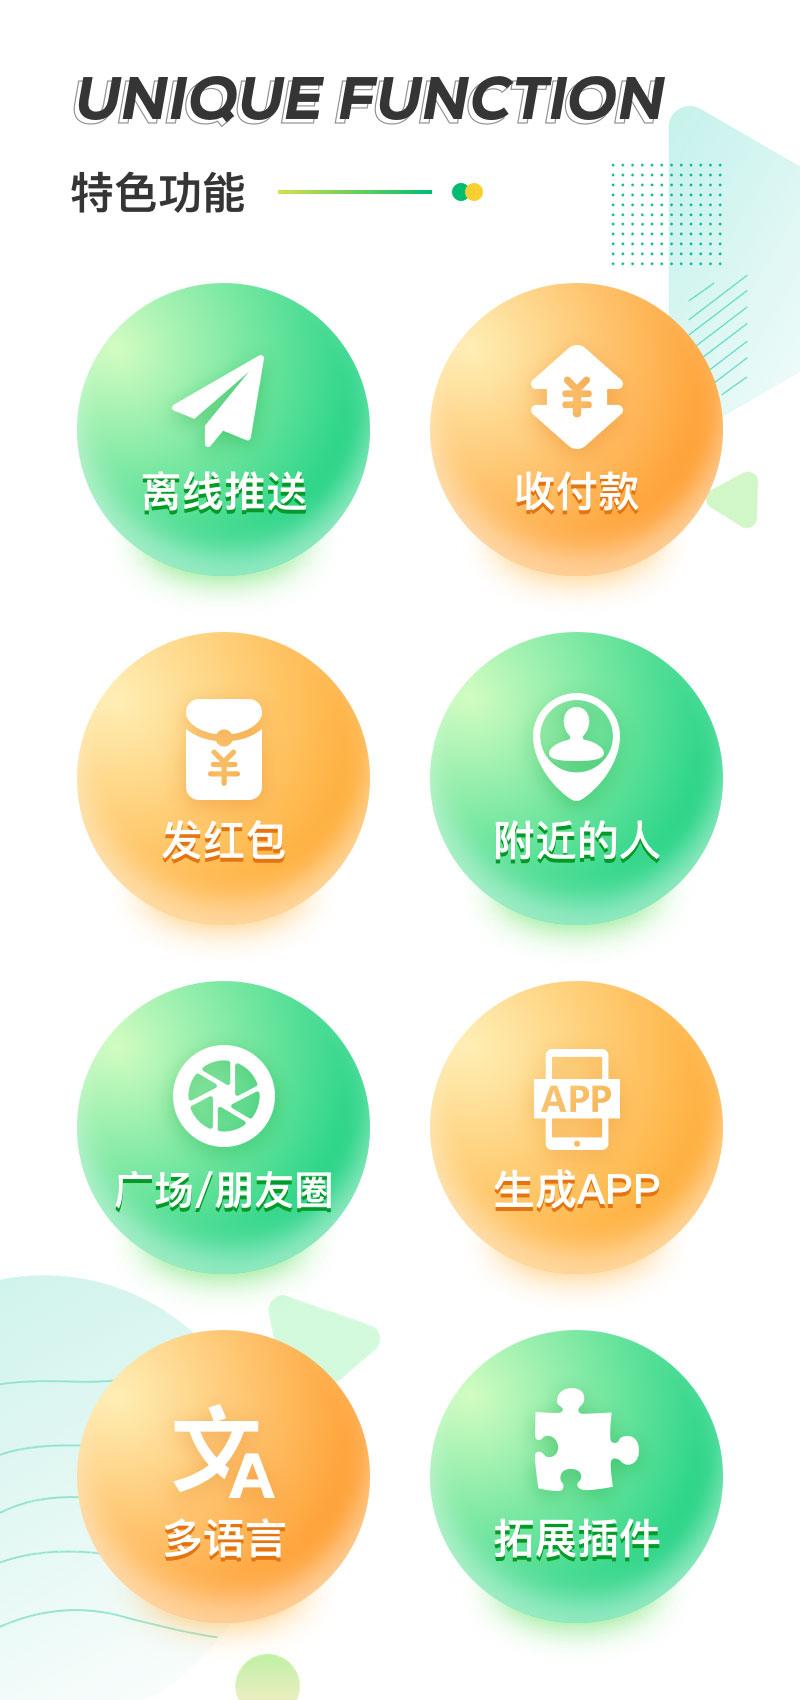 特色功能:离线推送,收付款,发红包,附近的人,广场朋友圈,生成APP,多语言,拓展插件